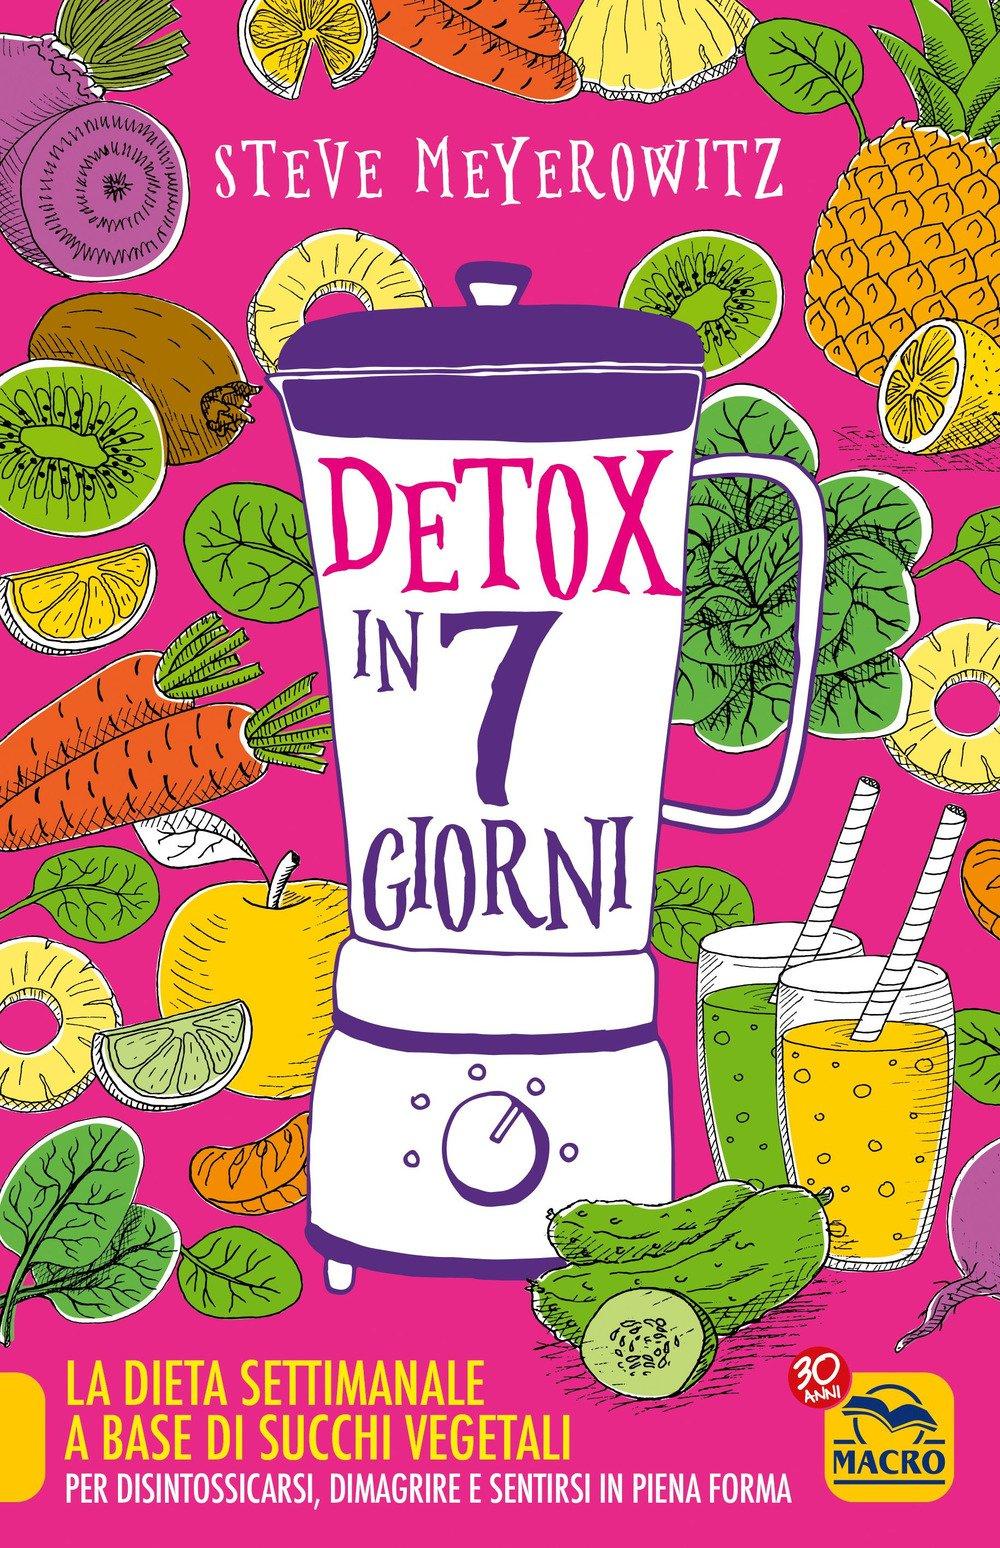 per accelerare il metabolismo cosa mangiare estrattore per detox